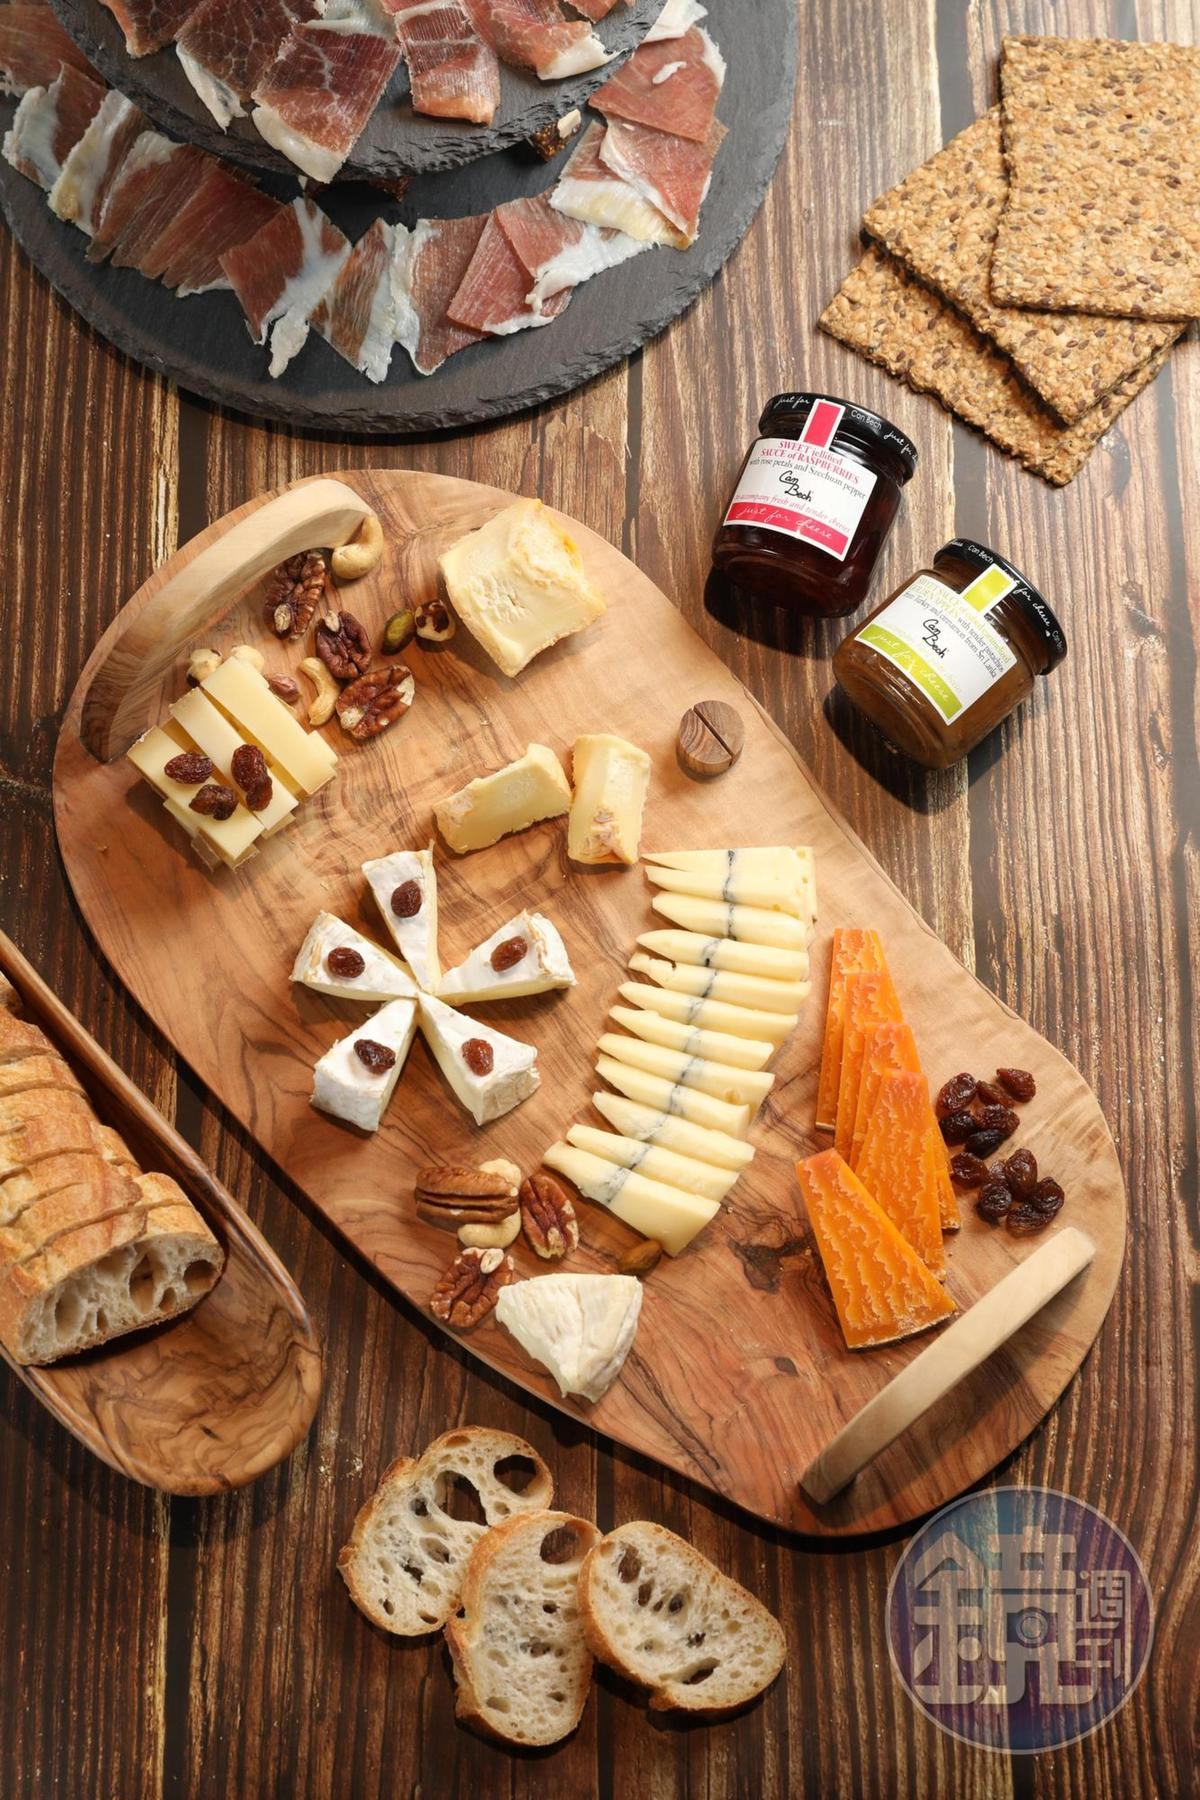 熟成濃郁、口感多樣的法國起司( 圖示為200~380元/100克),可以搭配起司專用果醬。(480元/罐)